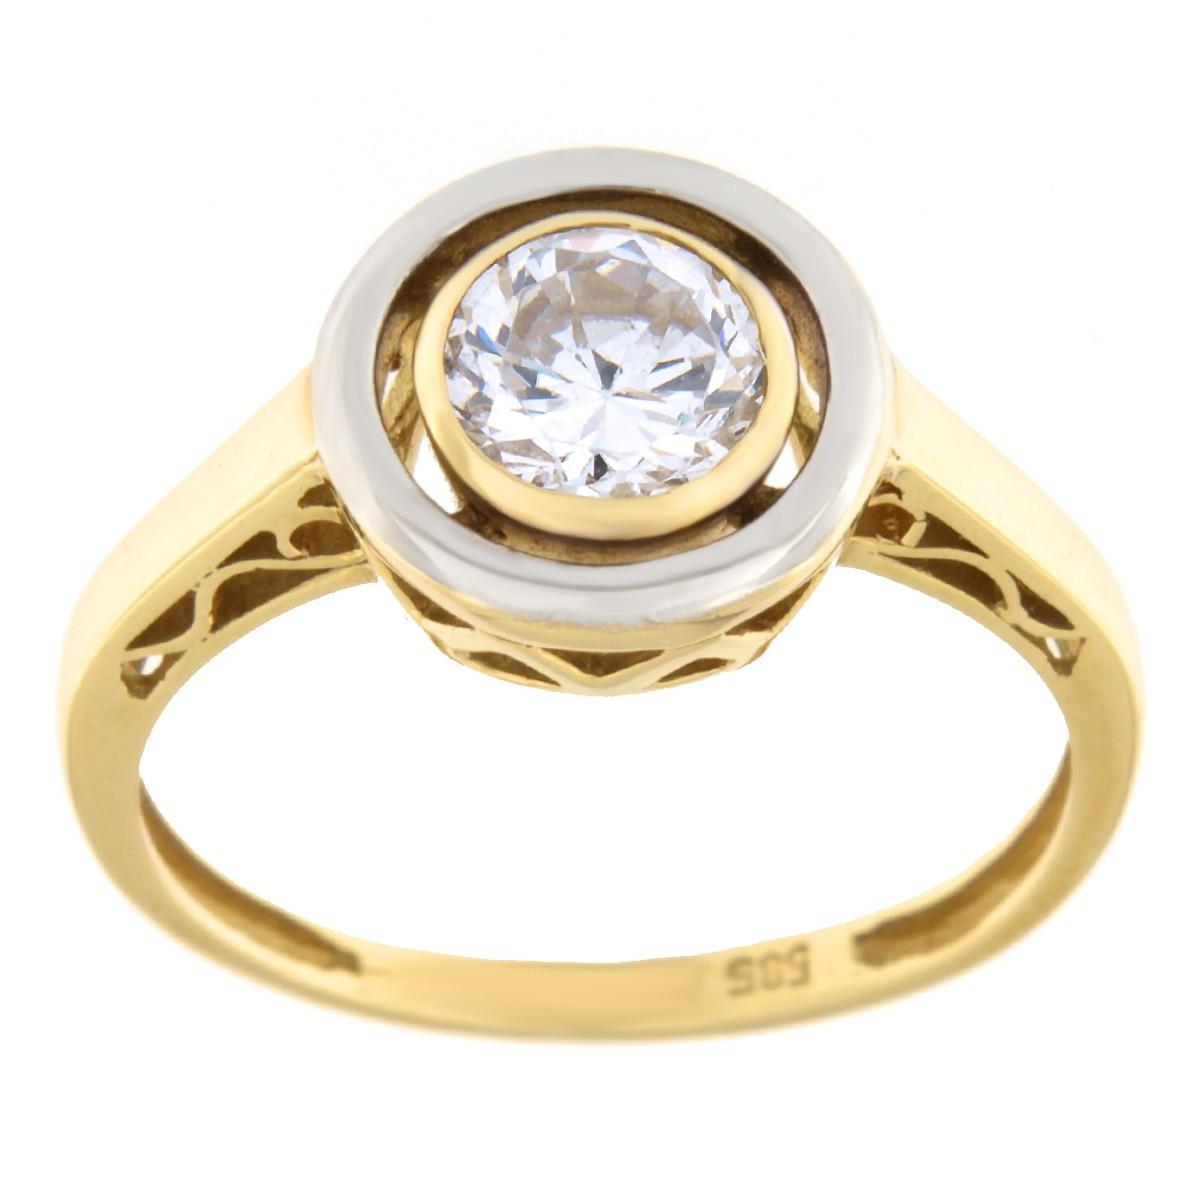 Kullast sõrmus tsirkooniga Kood: 455wp489, 453wp489